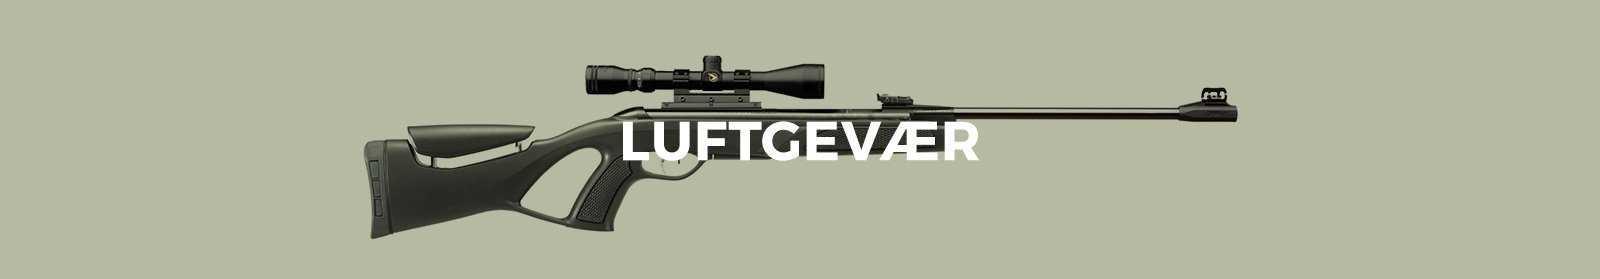 Luftgevær - kvalitets luftgevær online